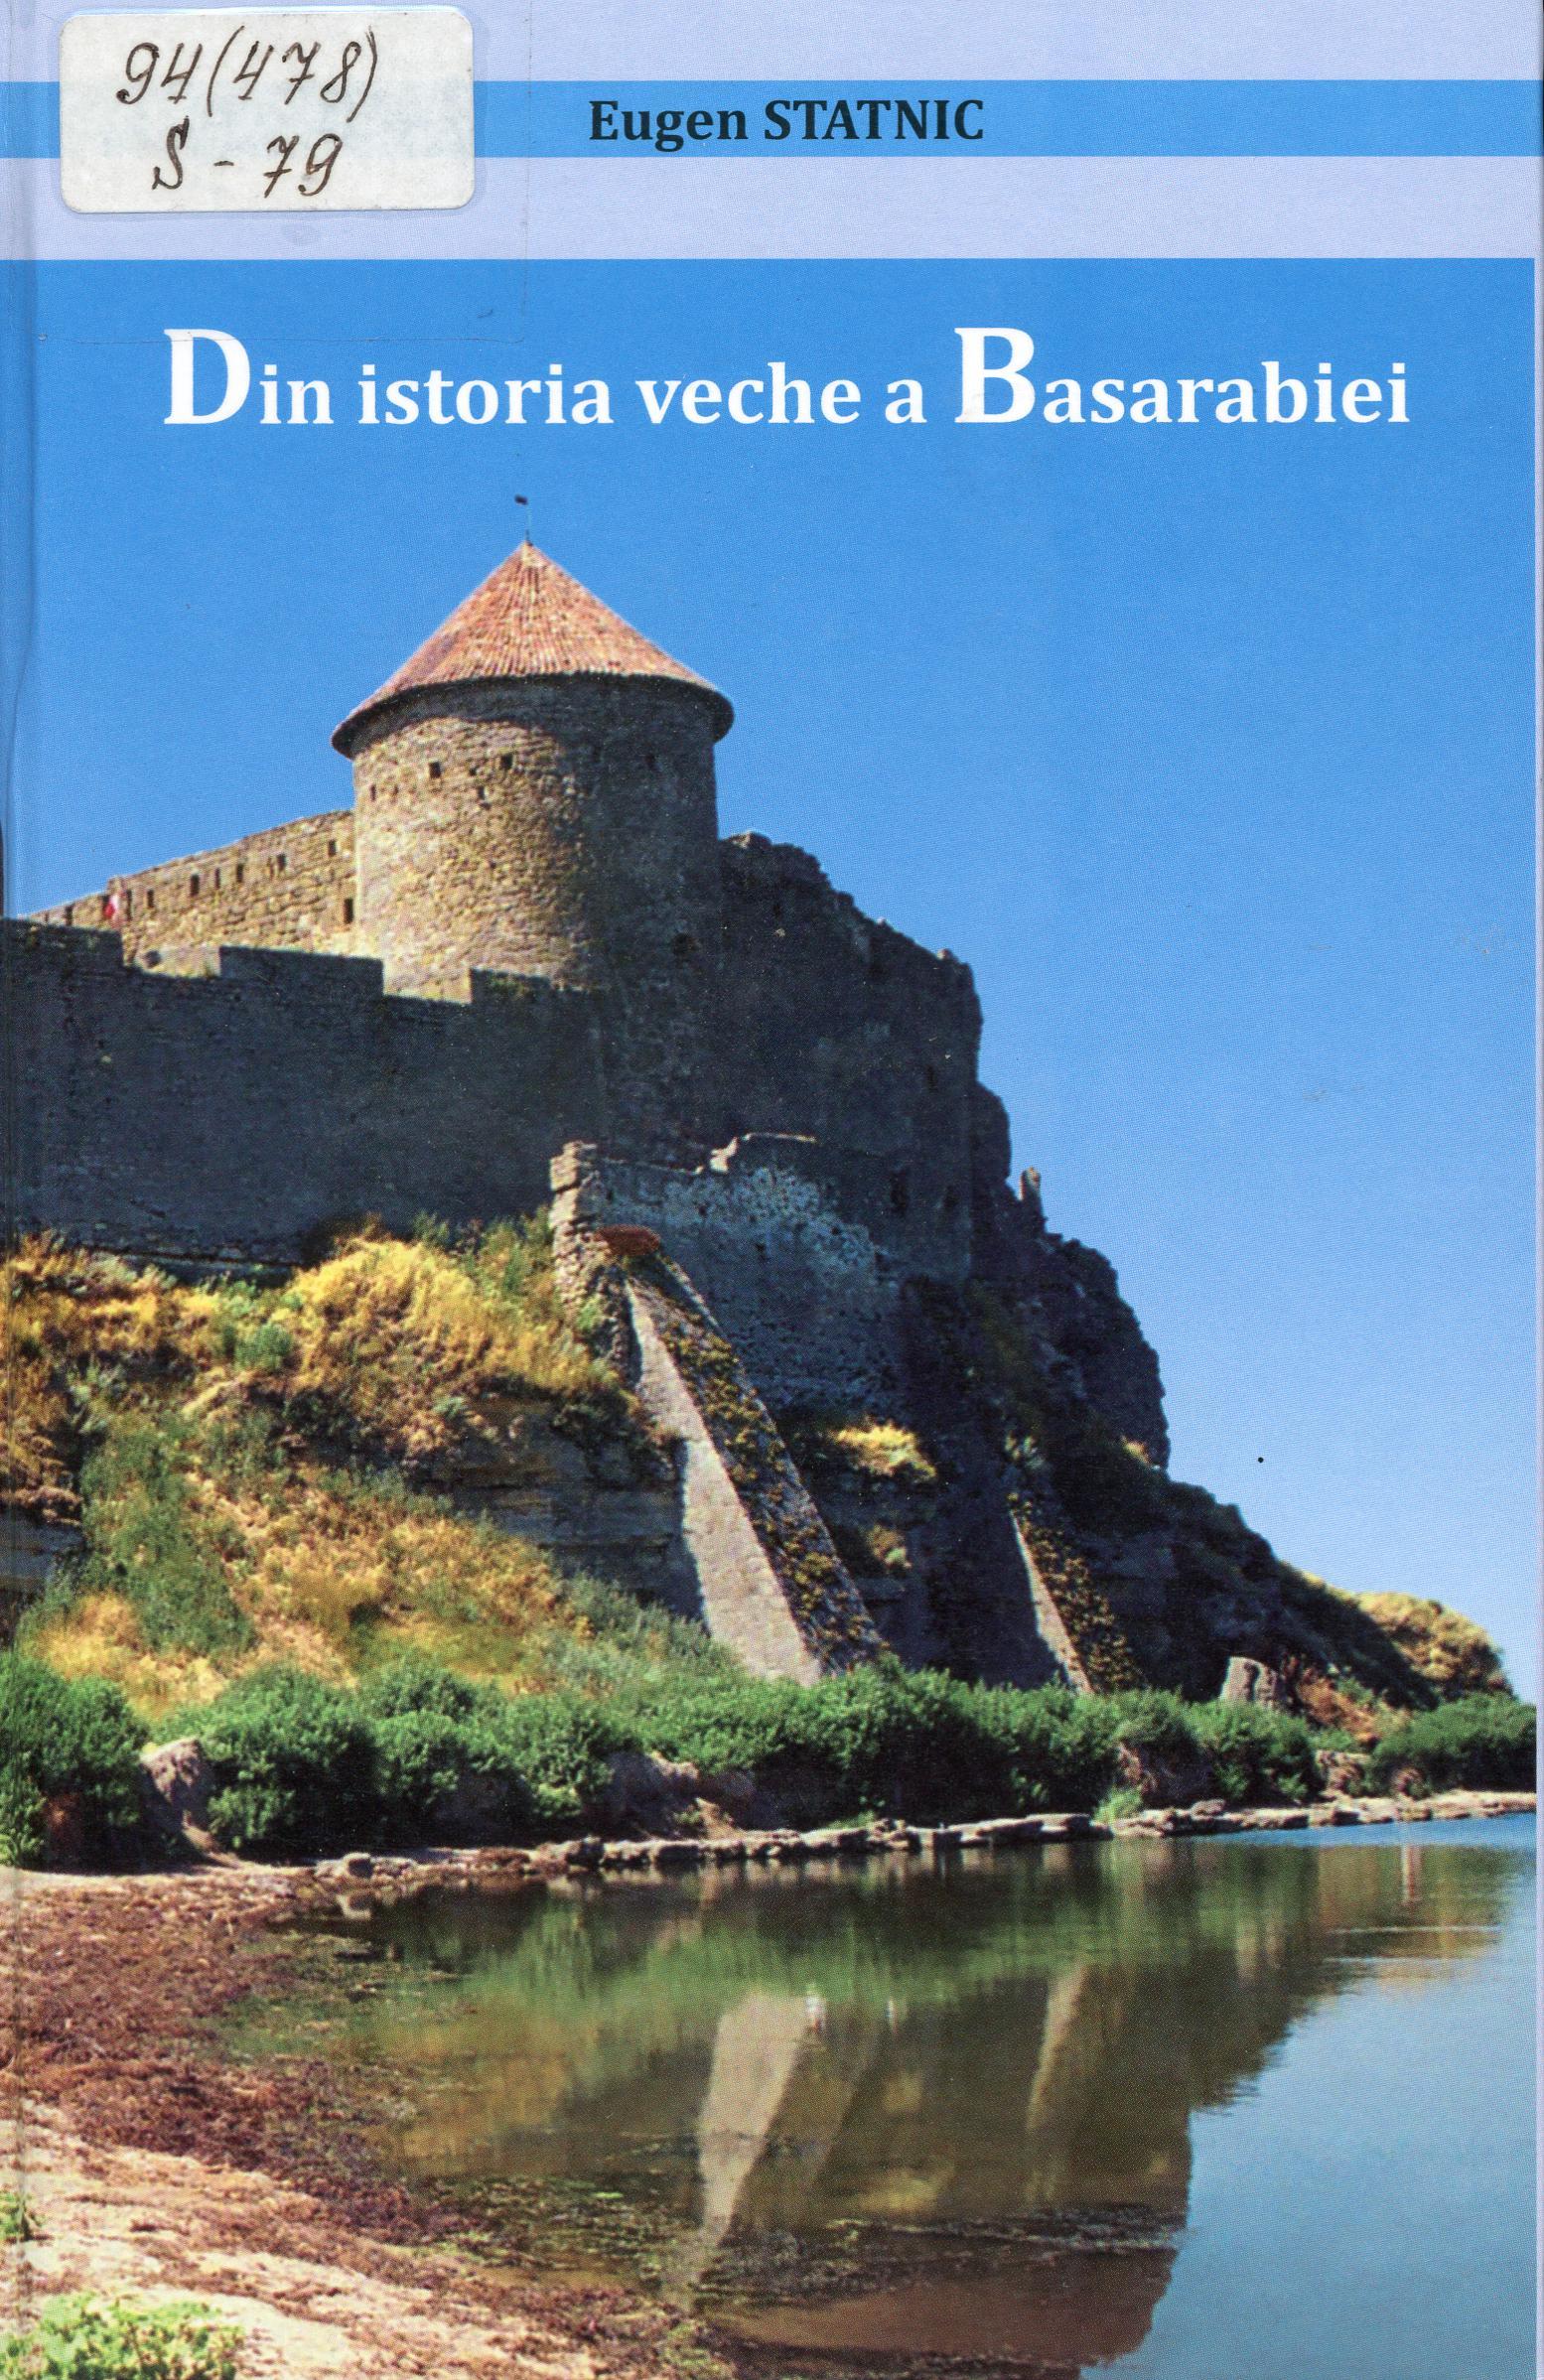 Din istoria veche a Basarabiei